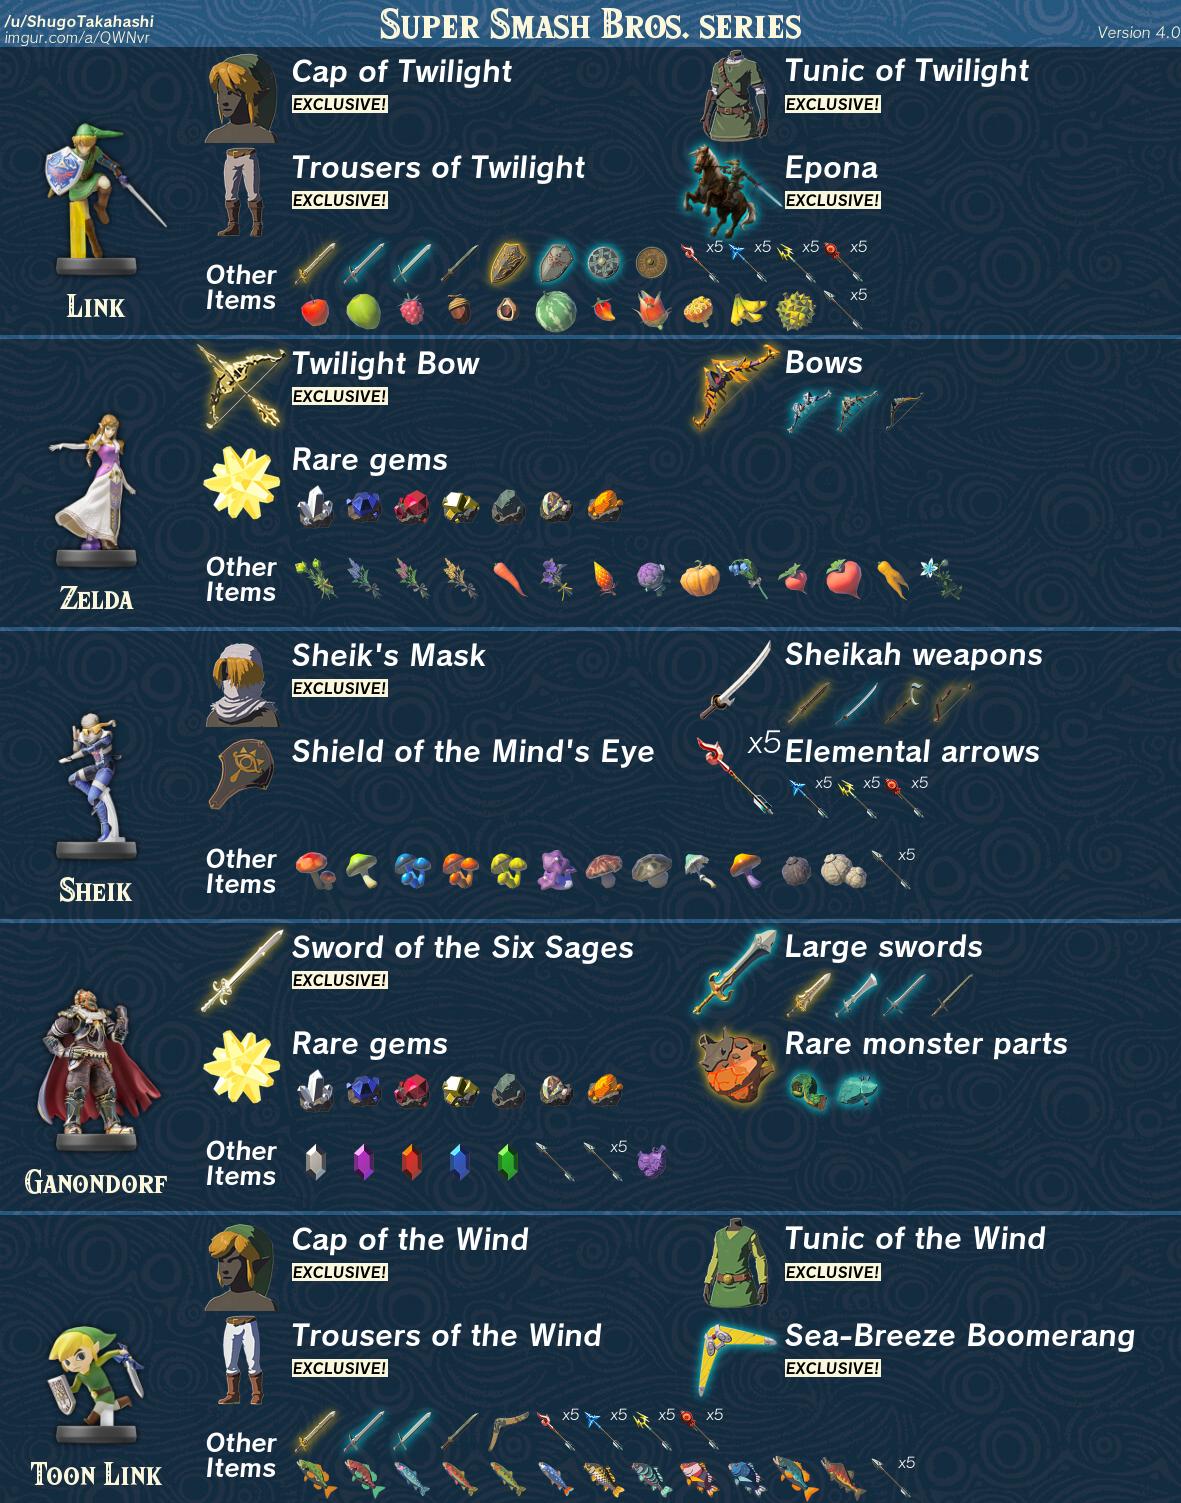 Spoilers The Legend Of Zelda Breath Of The Wild Visual Amiibo Item Guide Wip Legend Of Zelda Breath Of The Wild Legend Of Zelda Memes